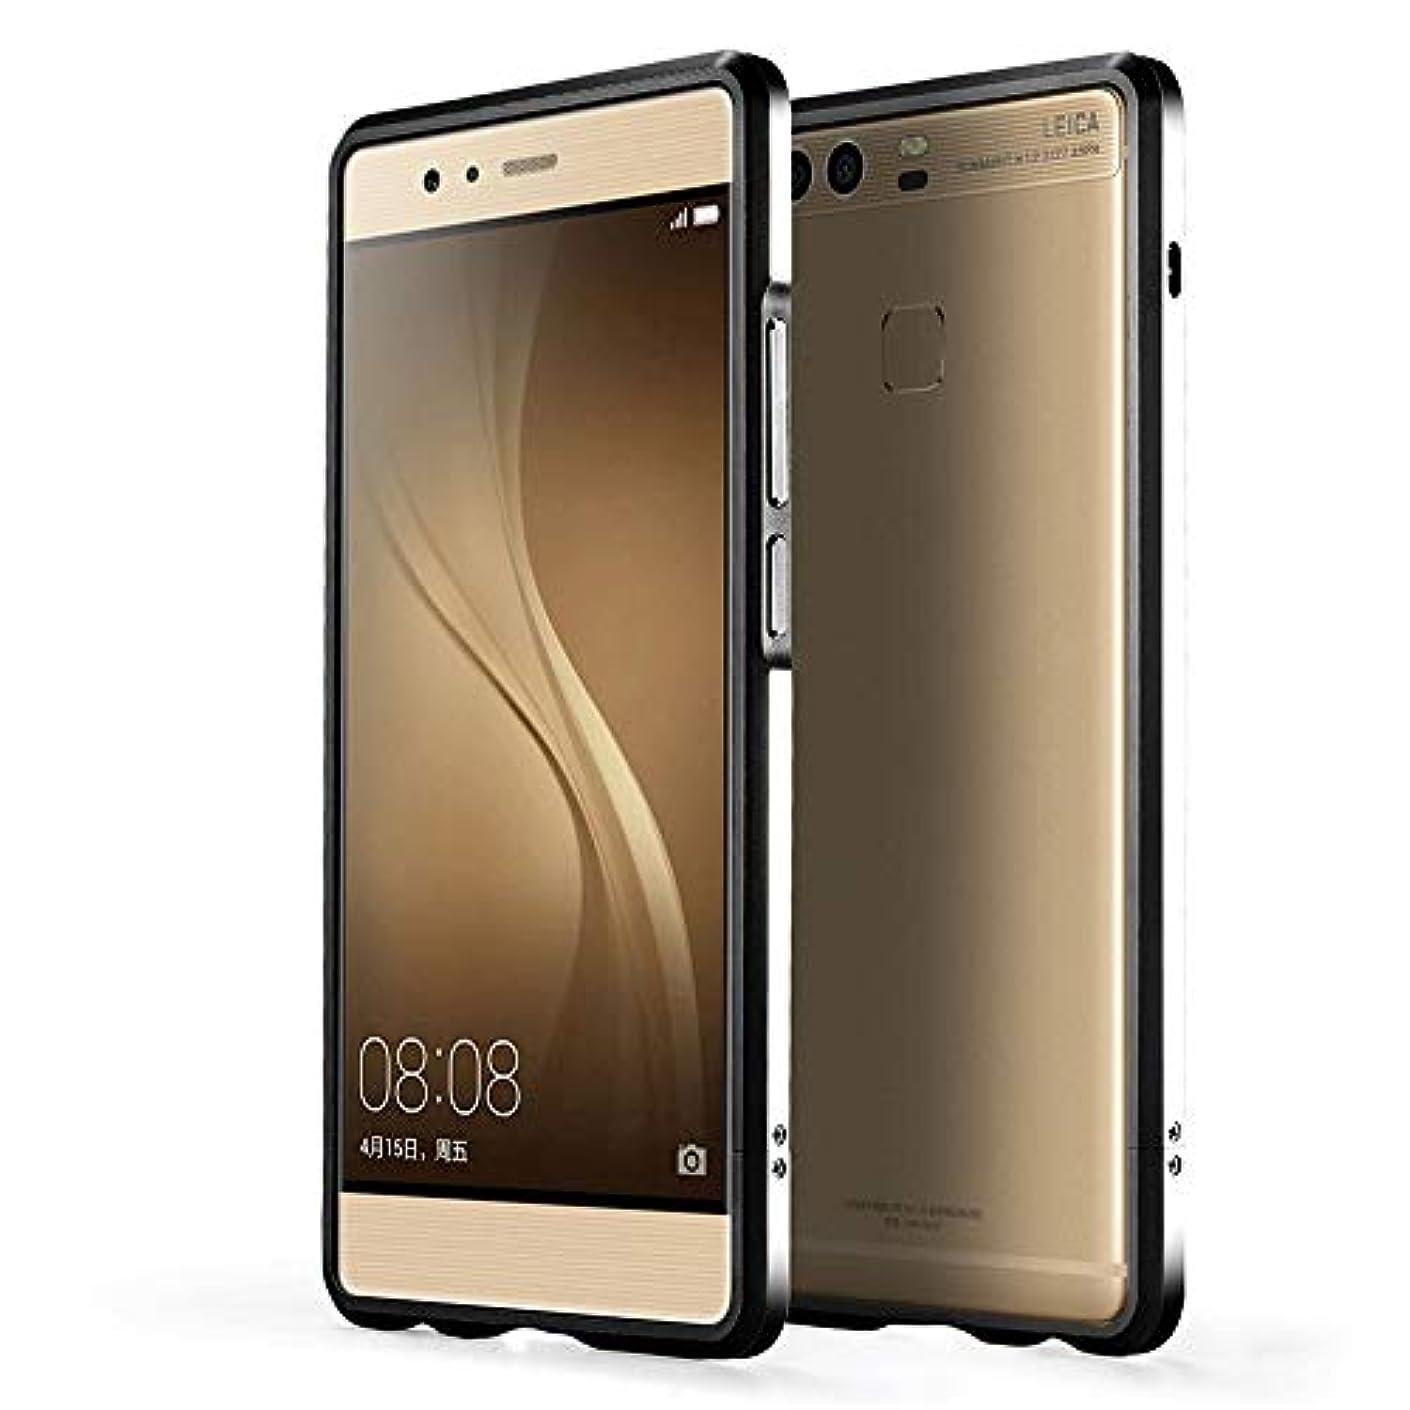 思いつくひらめきガムJicorzo - 小米科技4 4S 5ケースの場合はiphone 6 / 6SについてOPPO R9 / R9 PlusのソニーZ3のための超薄い金属バンパーアルミフレームカバーをハイライト